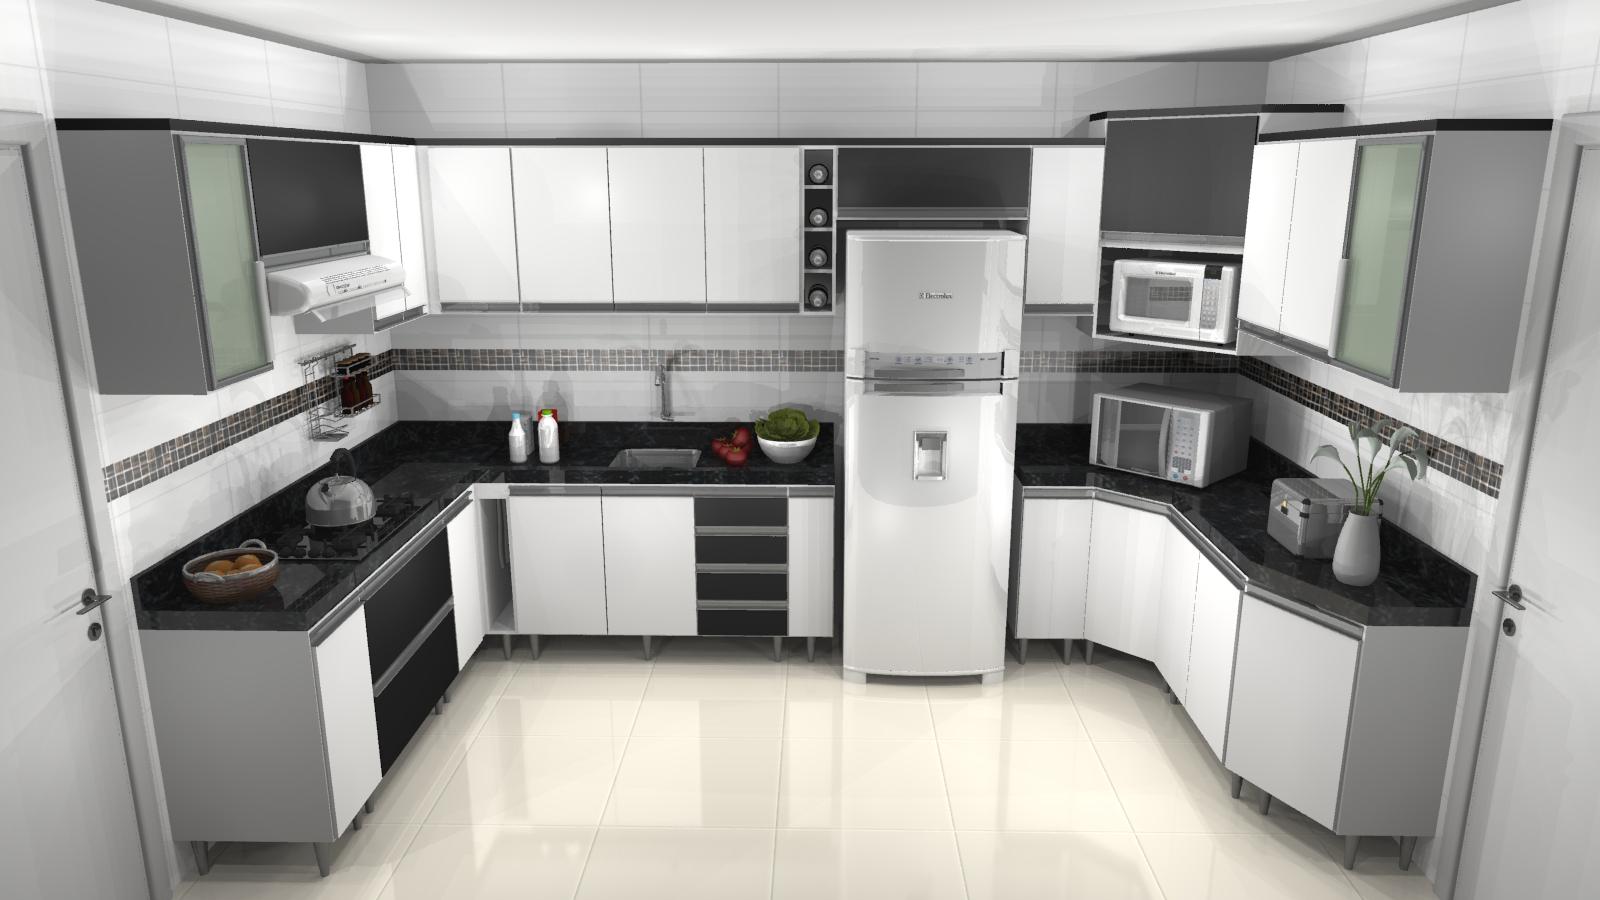 cozinhas Itatiaia preparamos algumas fotos da linha de móveis para #5F4940 1600 900